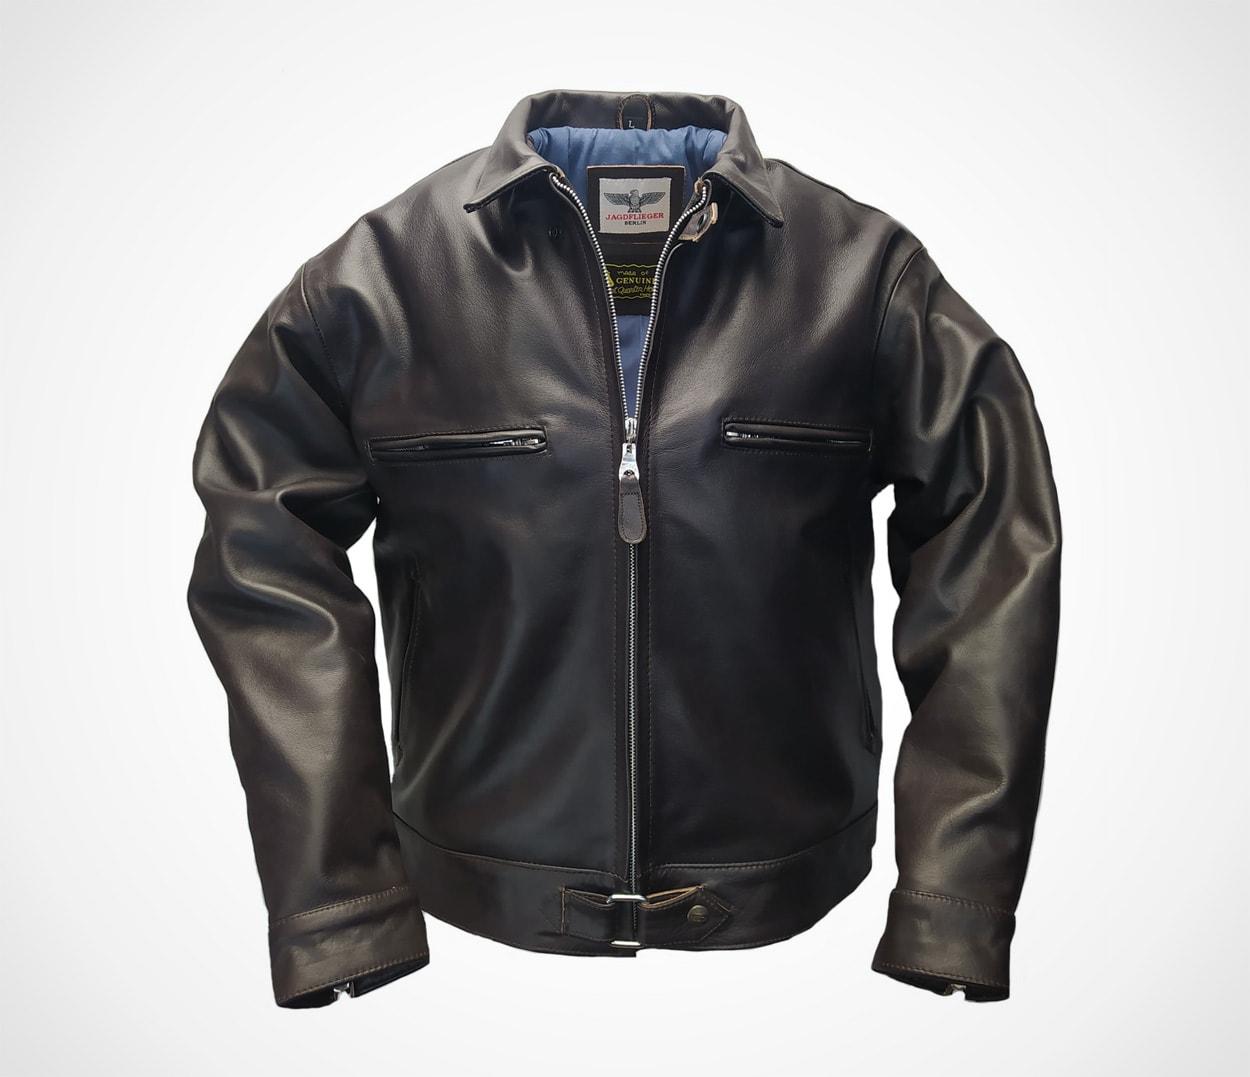 Noble House Luftwaffe BF-109 Fighter Pilot Leather Jacket, Steer Hide Flight jacket